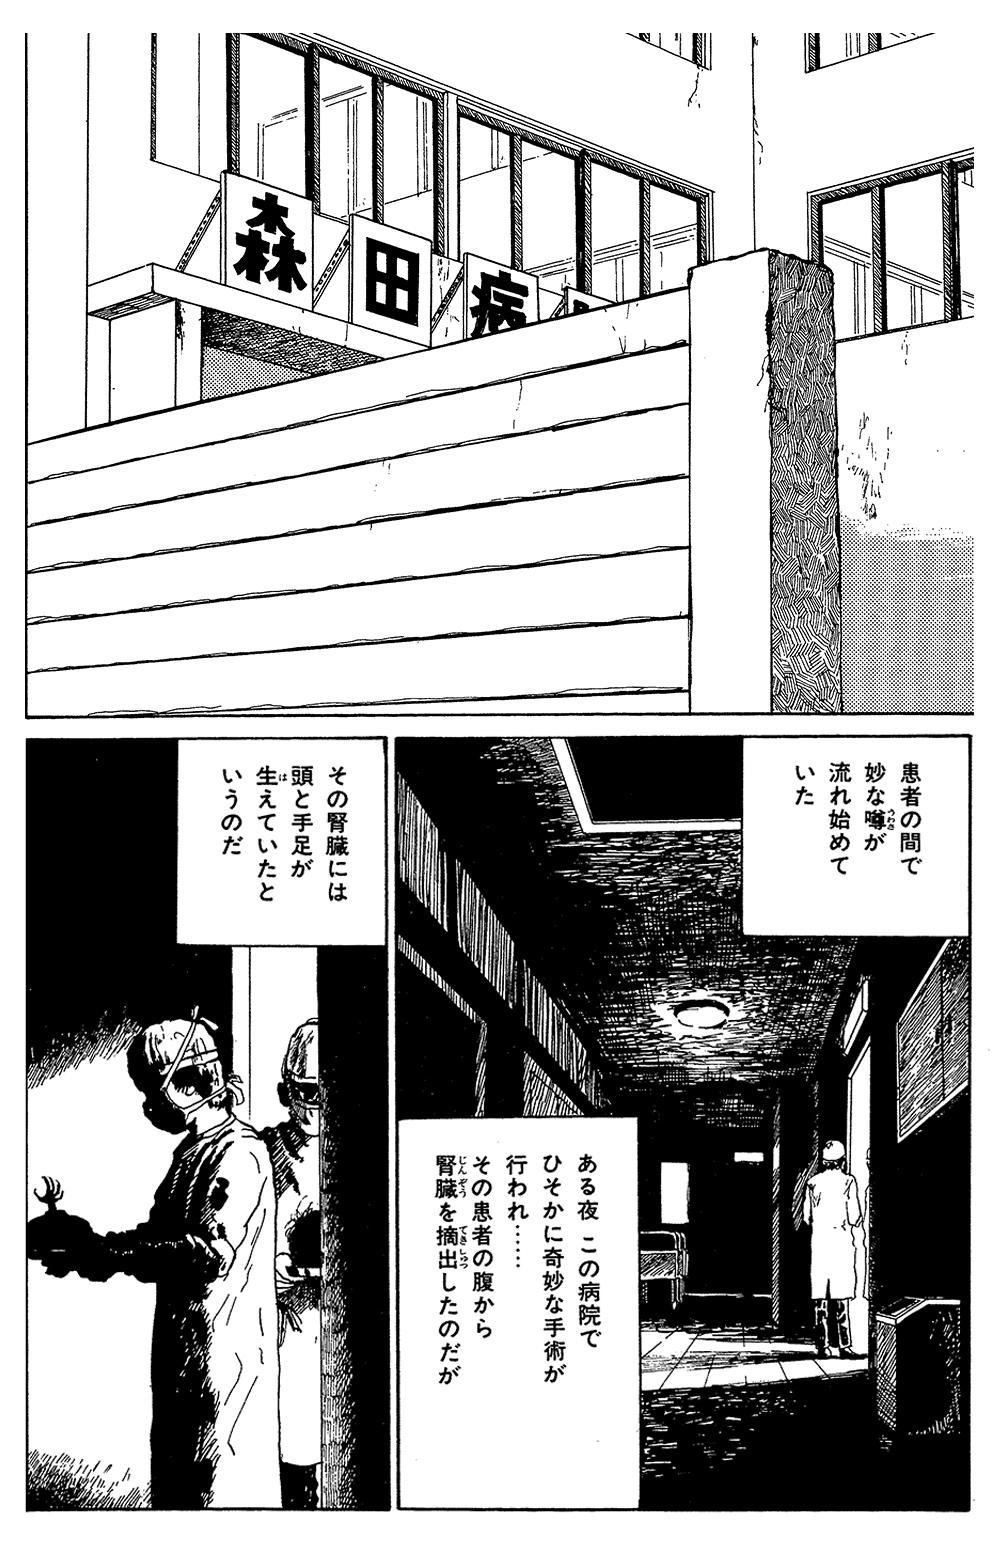 伊藤潤二傑作集 第3話「富江 地下室」①junji06-02.jpg